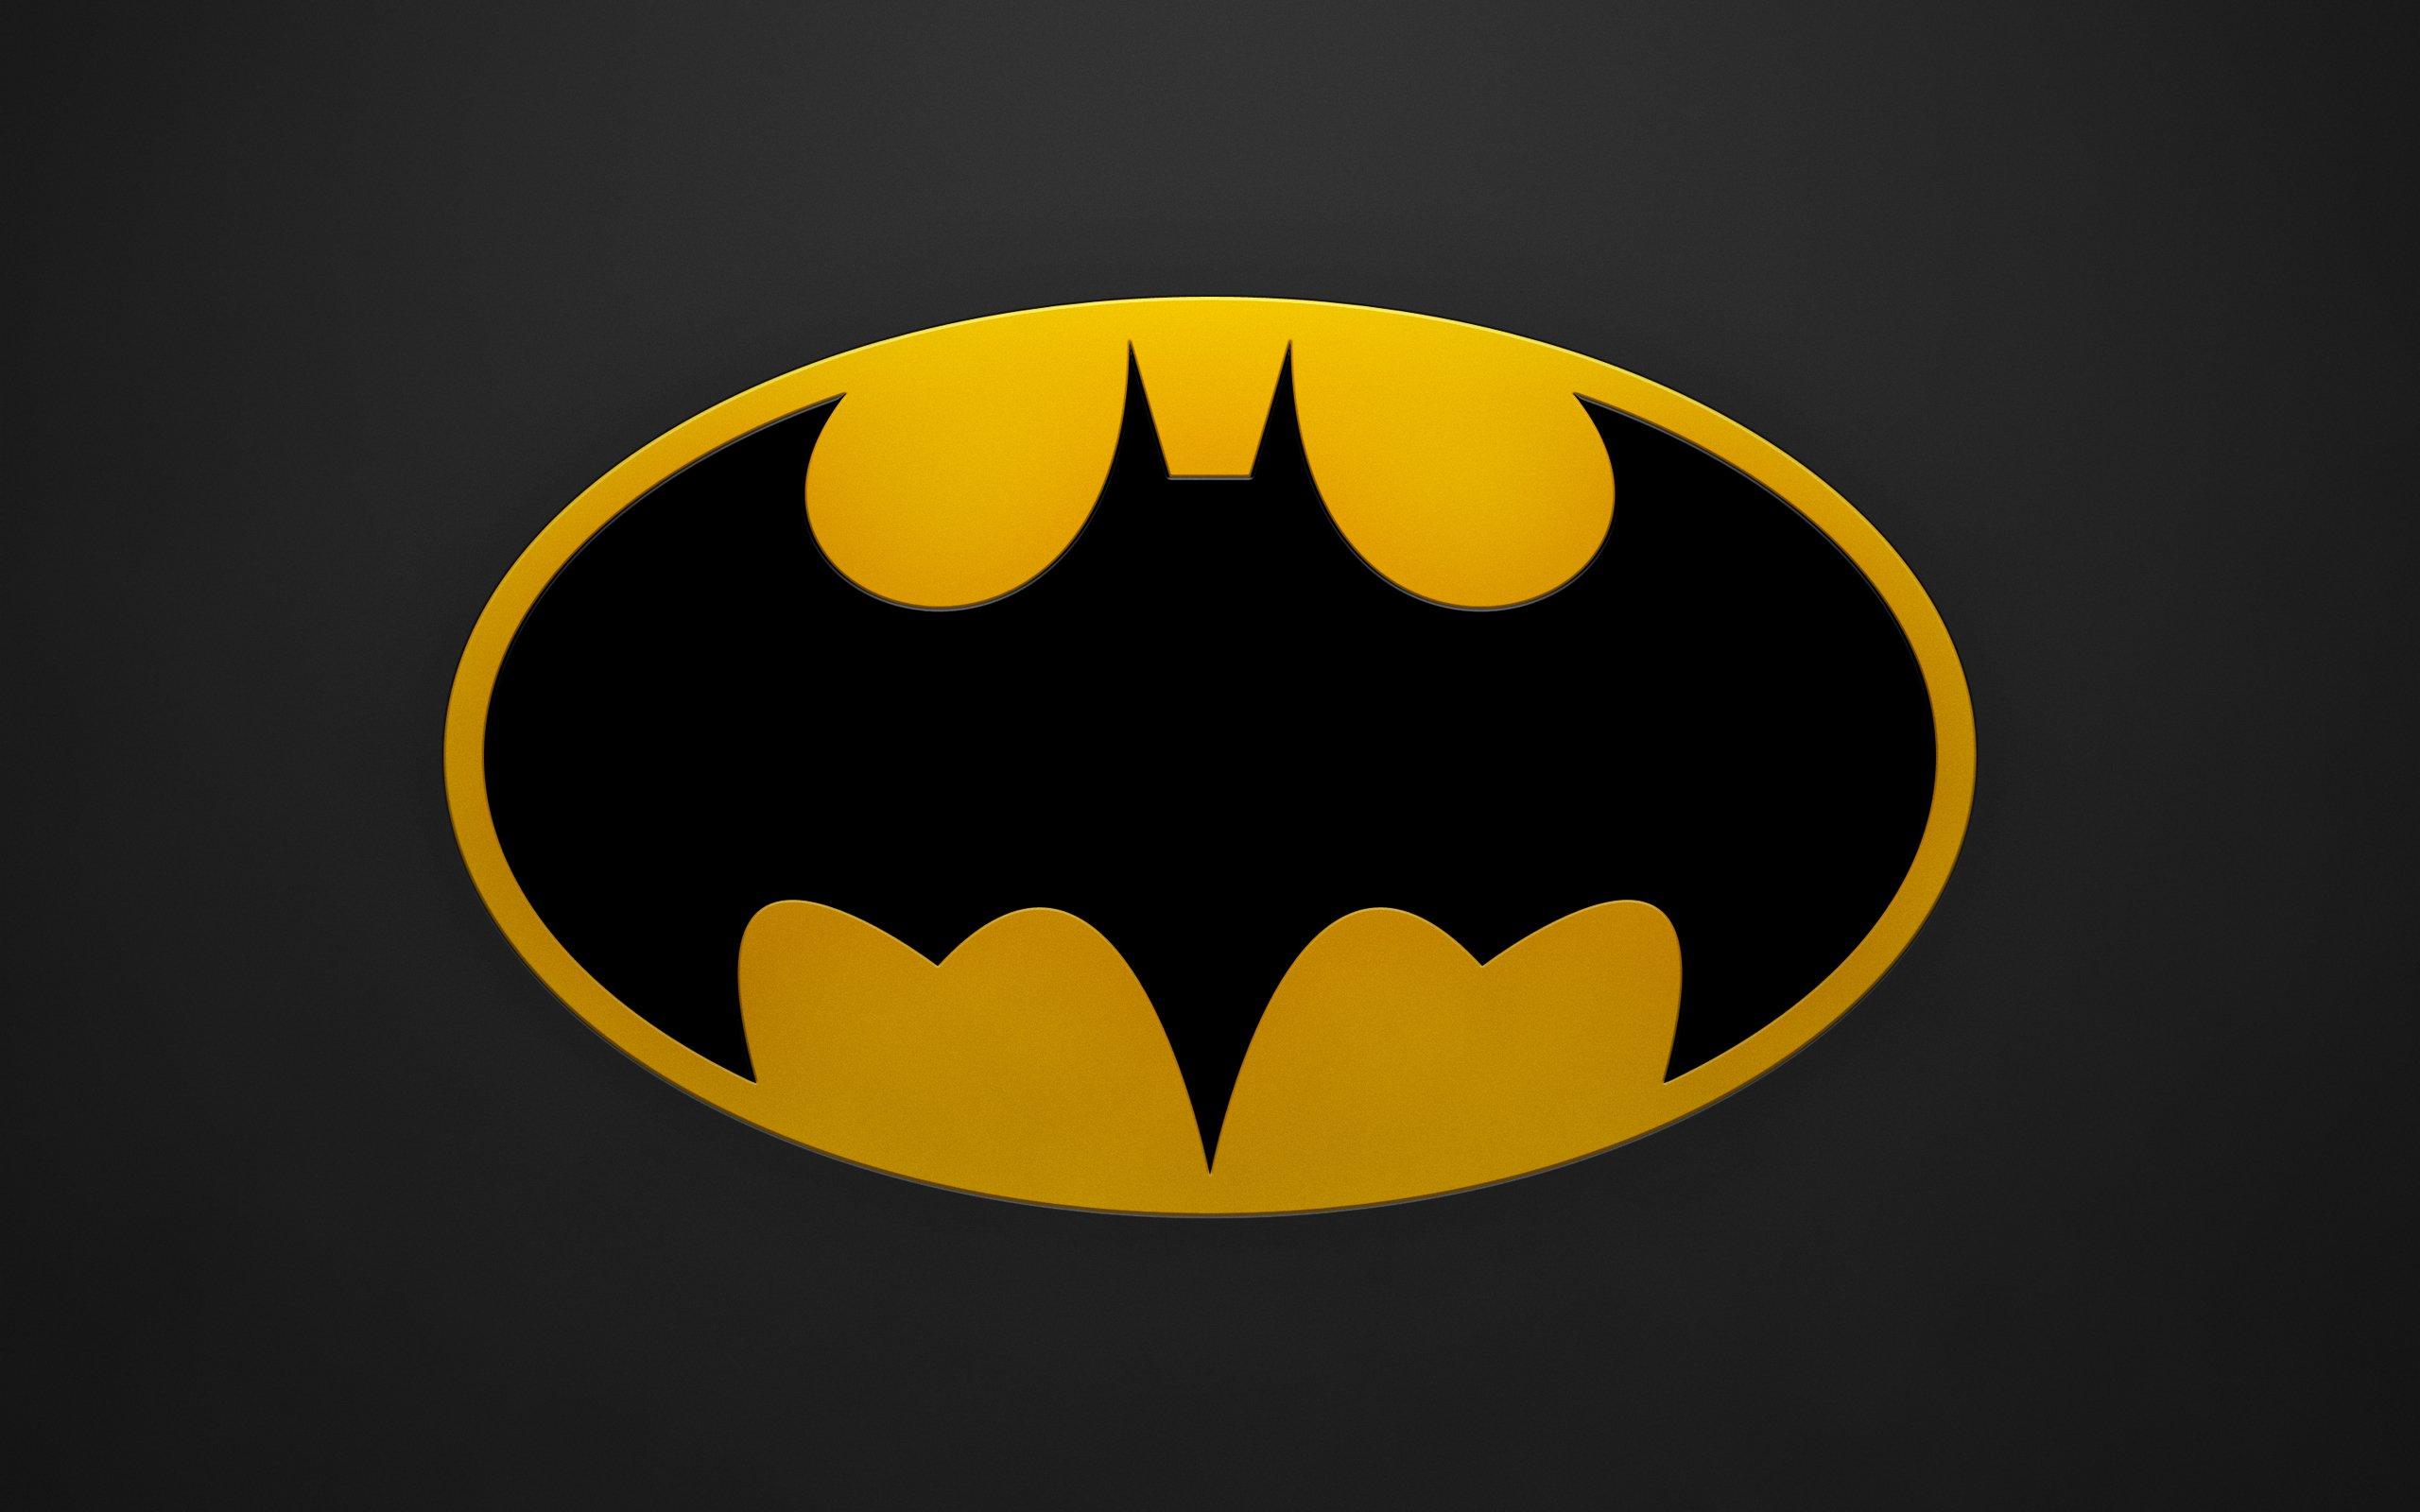 batman logo tattoo designs batman logo wallpaper desktop Car Pictures 2560x1600